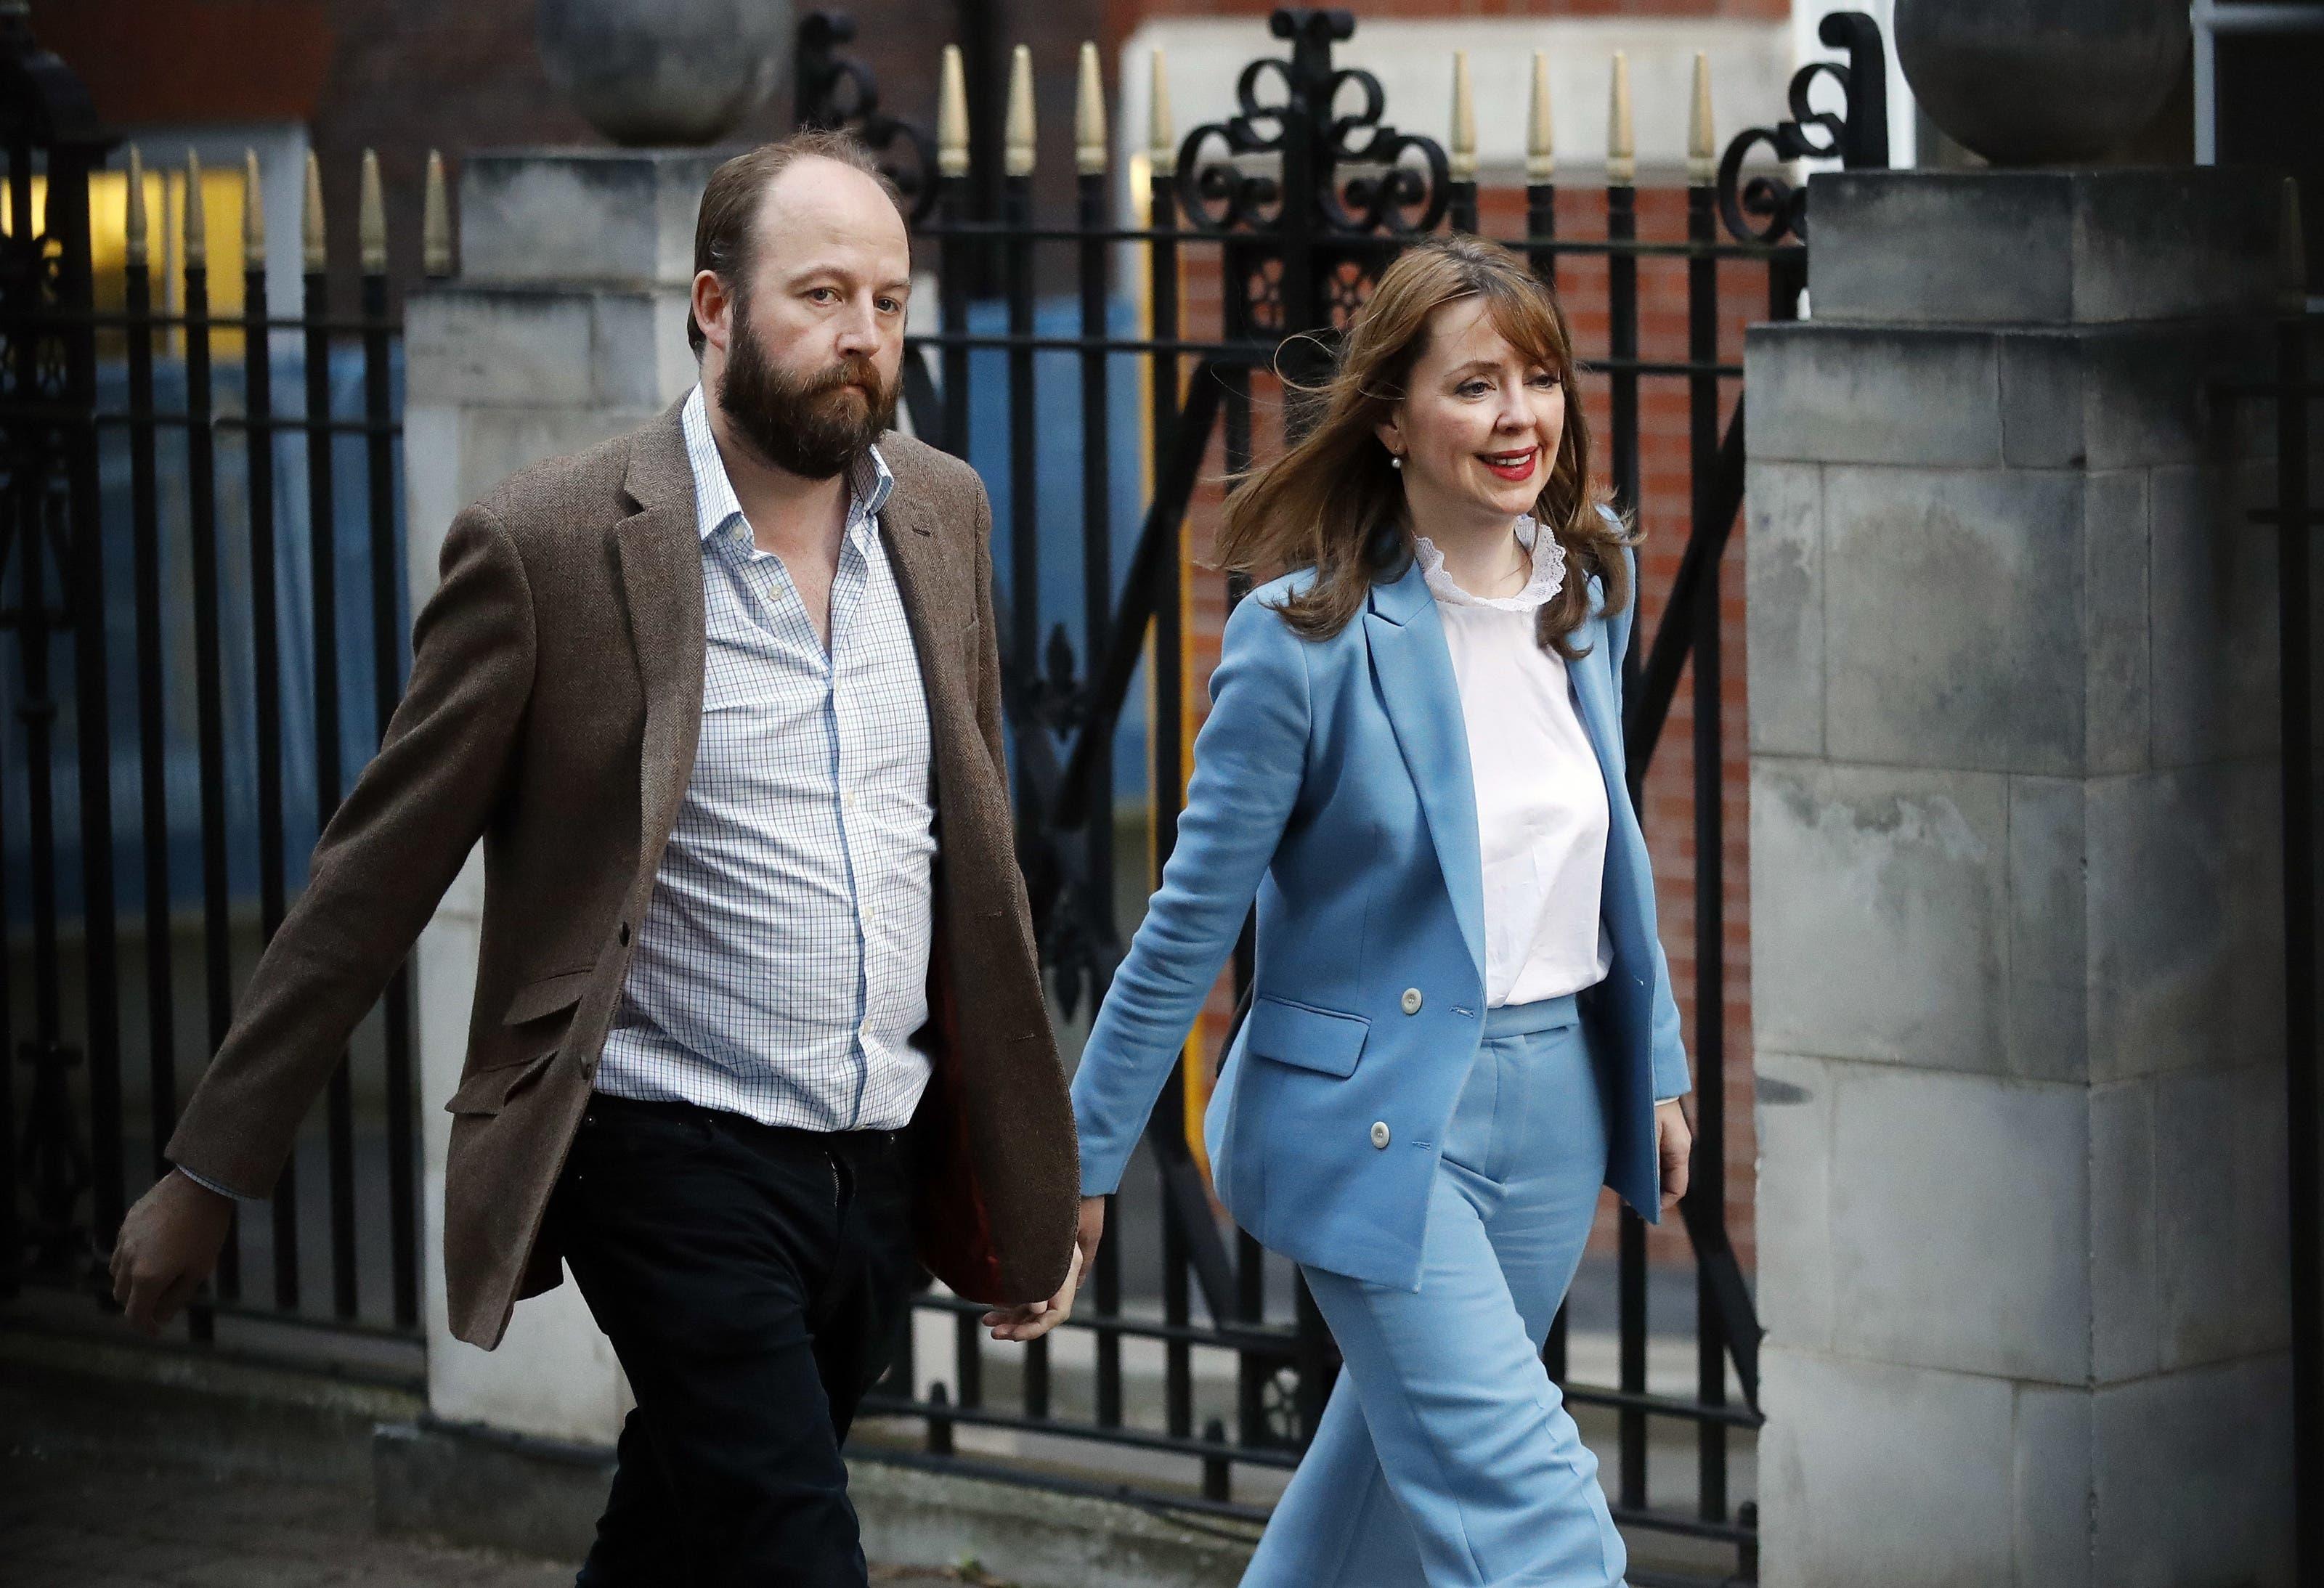 Bisher engste Vertraute respektive Berater von Theresa May: Nick Timothy und Fiona Hill